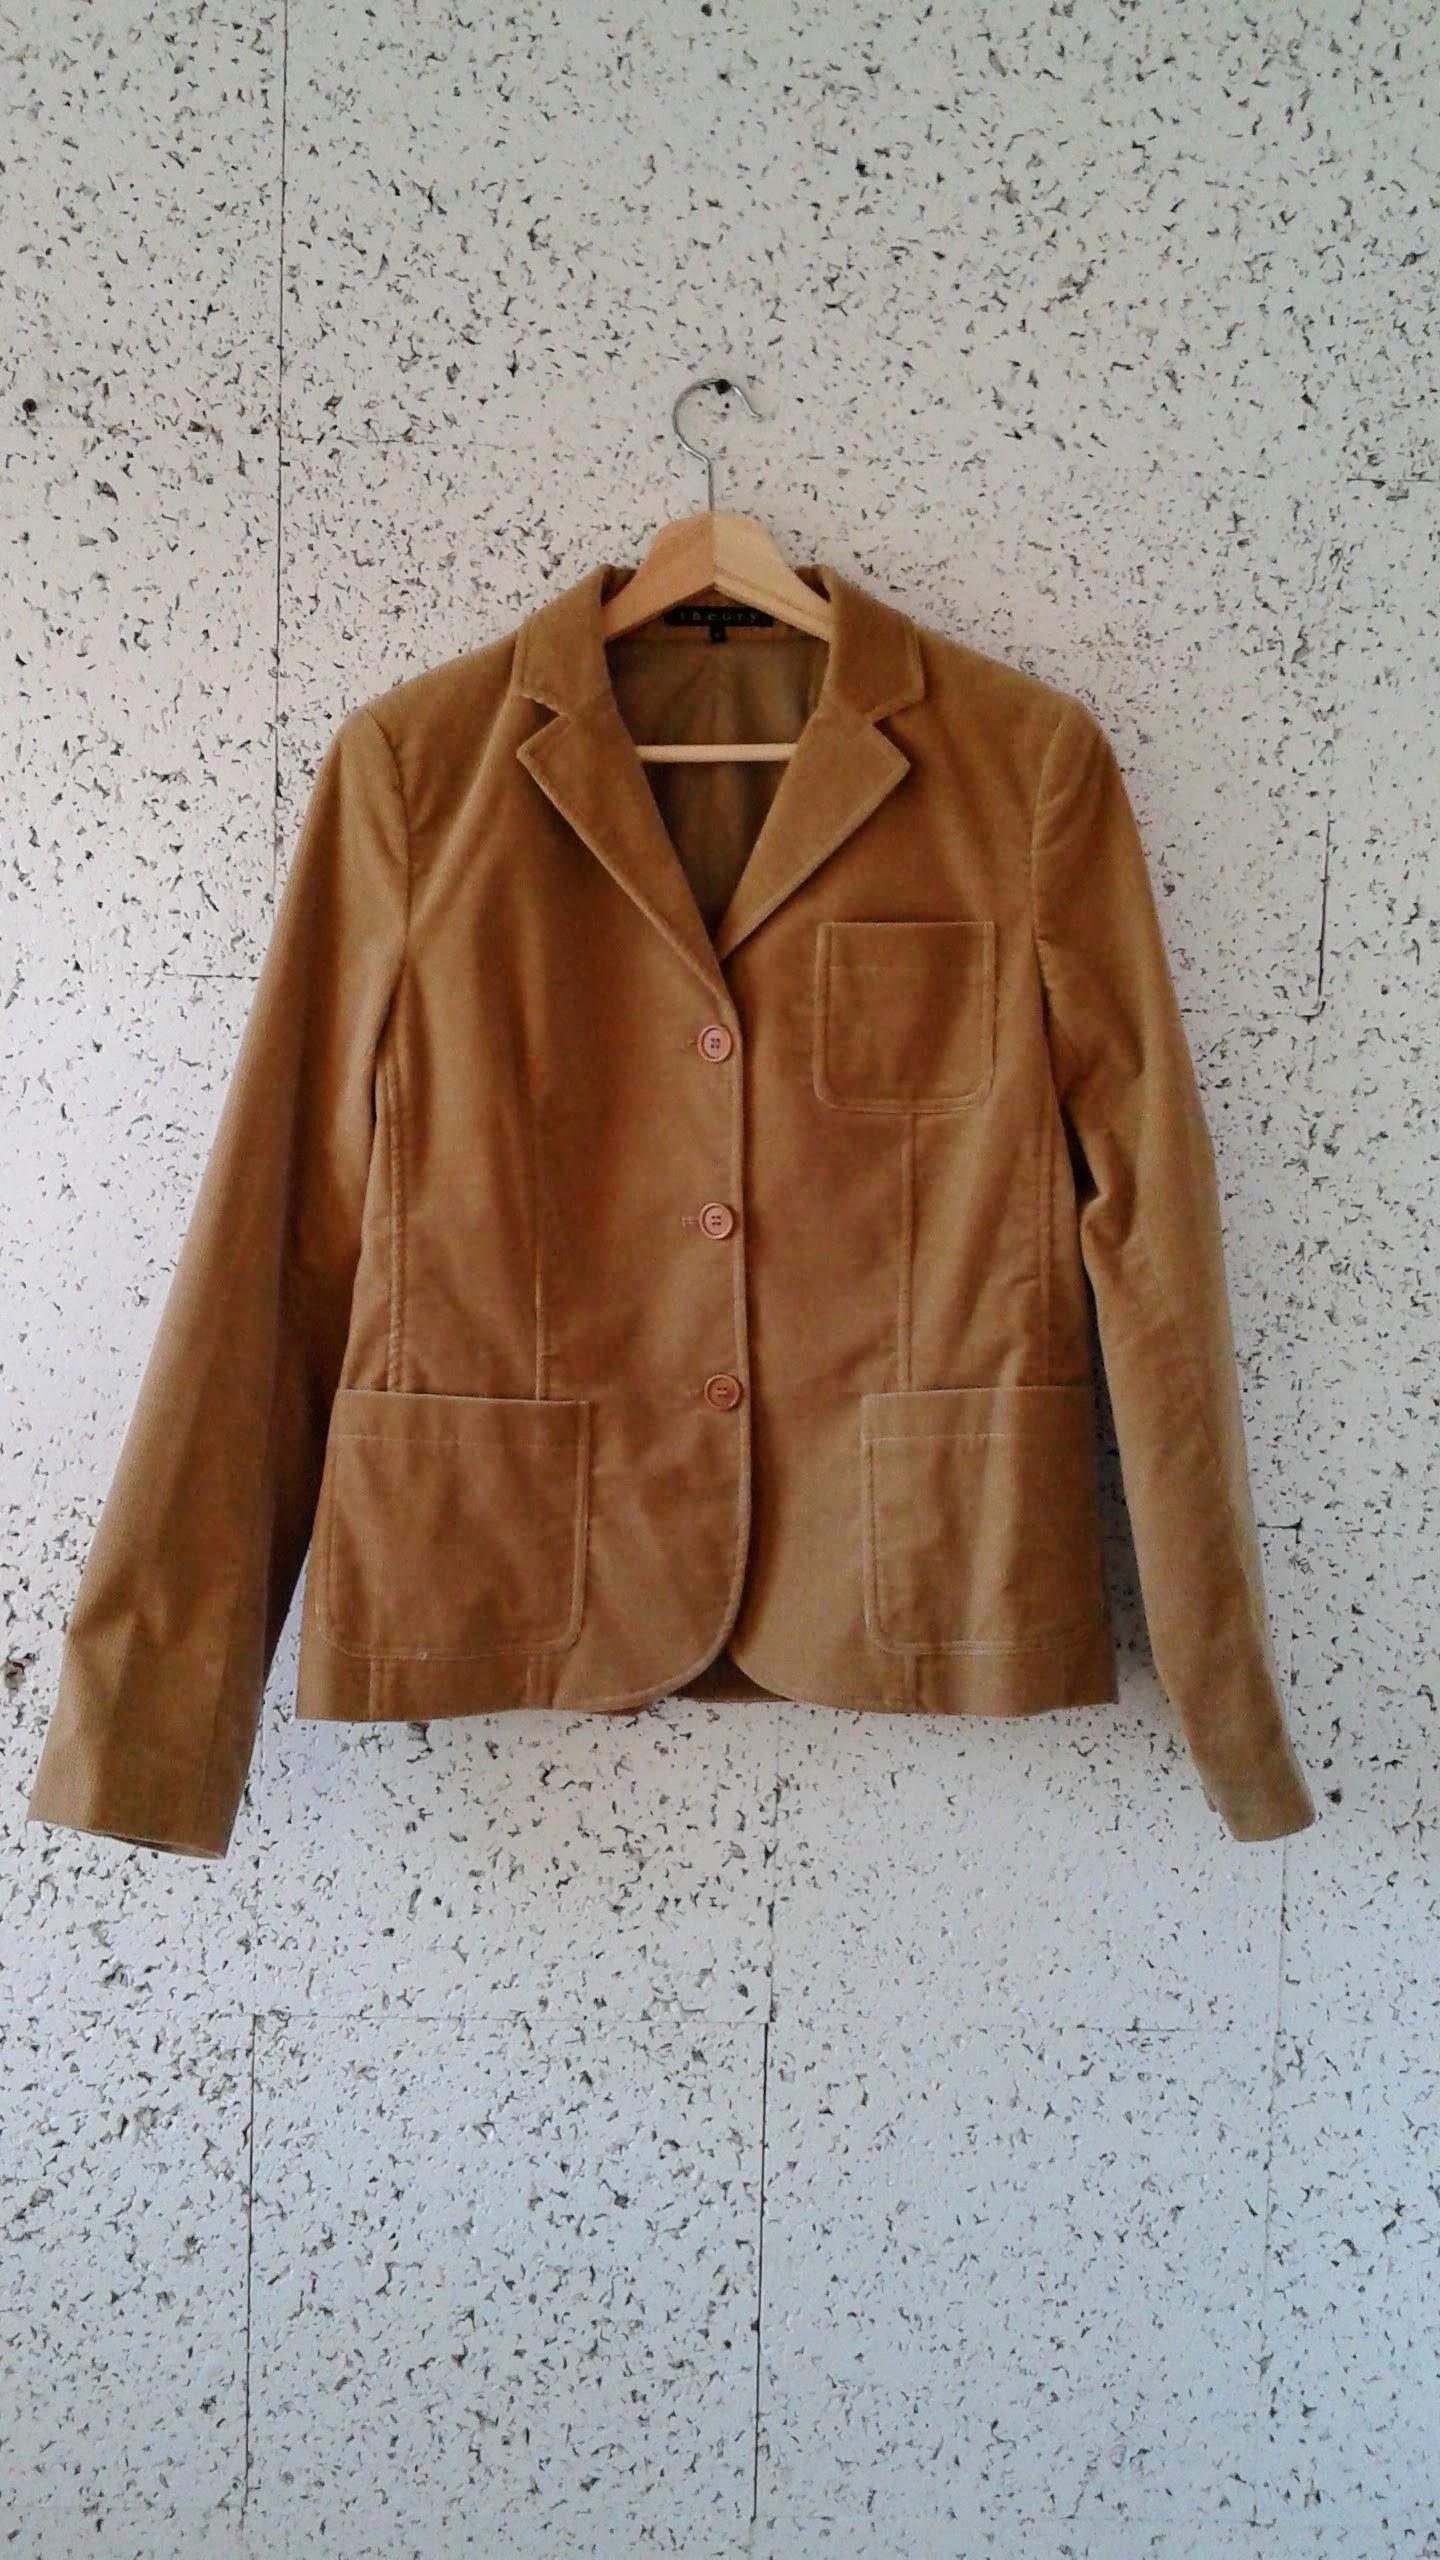 Theory blazer; Size M, $52